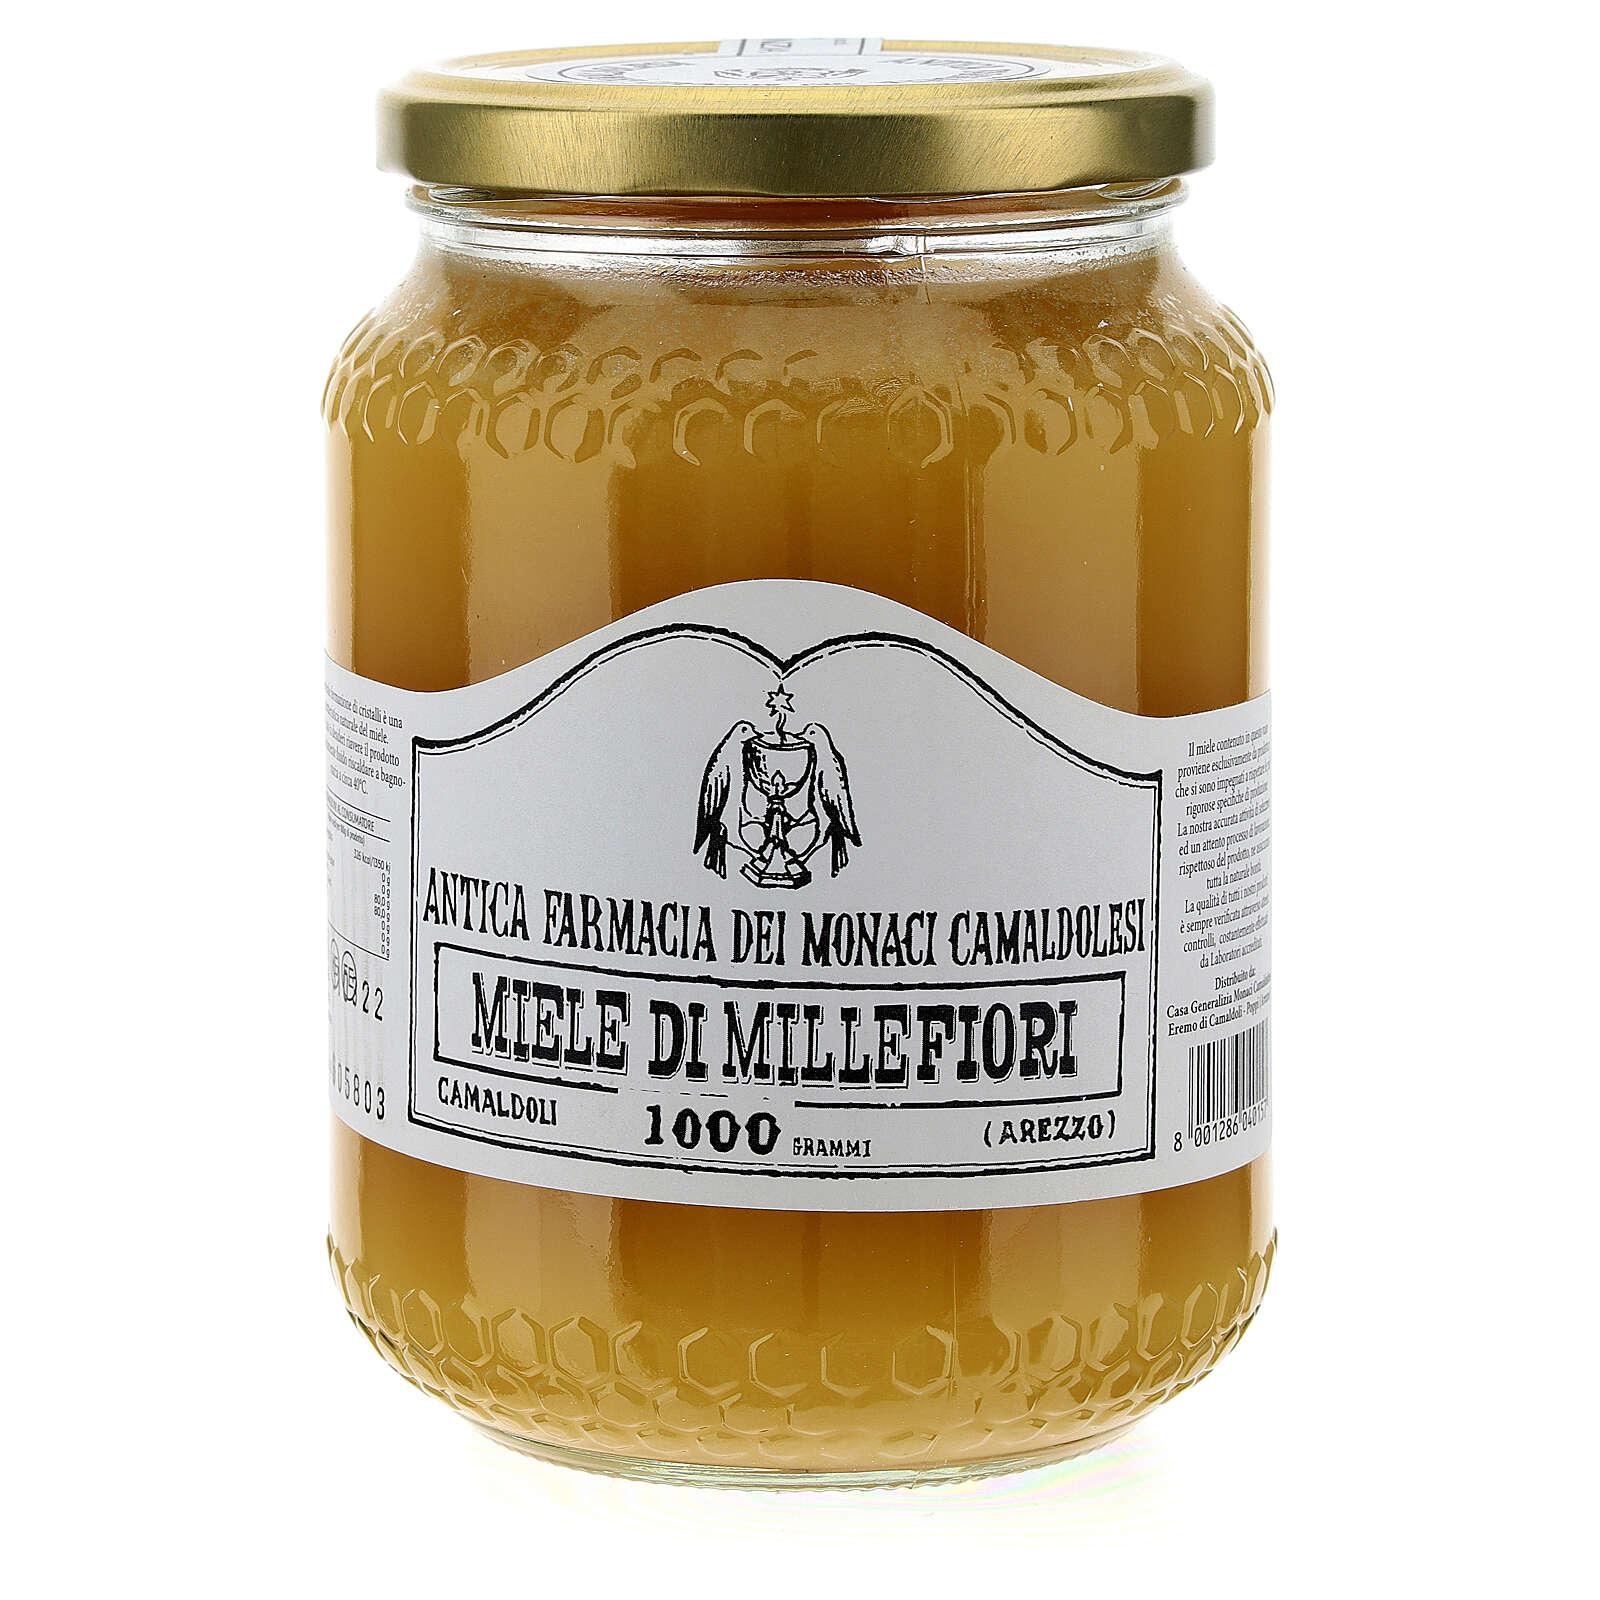 Wildflower honey 1000 gr Camaldoli 3